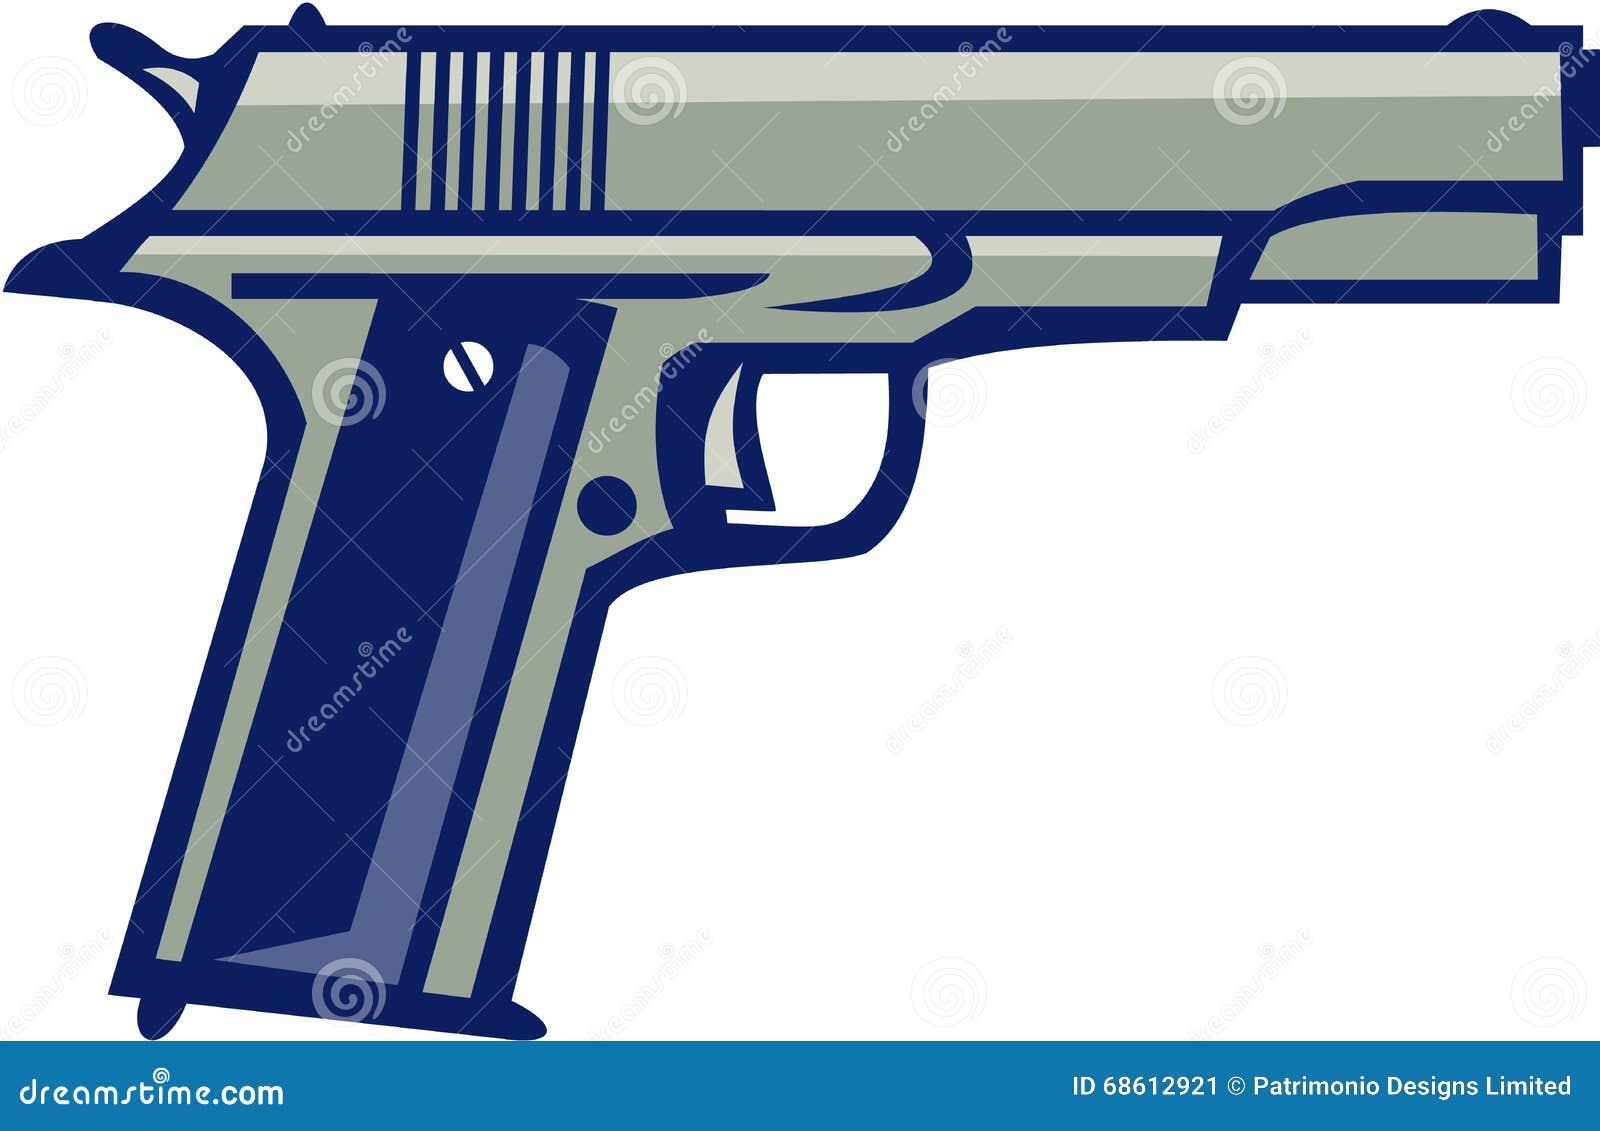 Côté du pistolet 1911 semi-automatique rétro